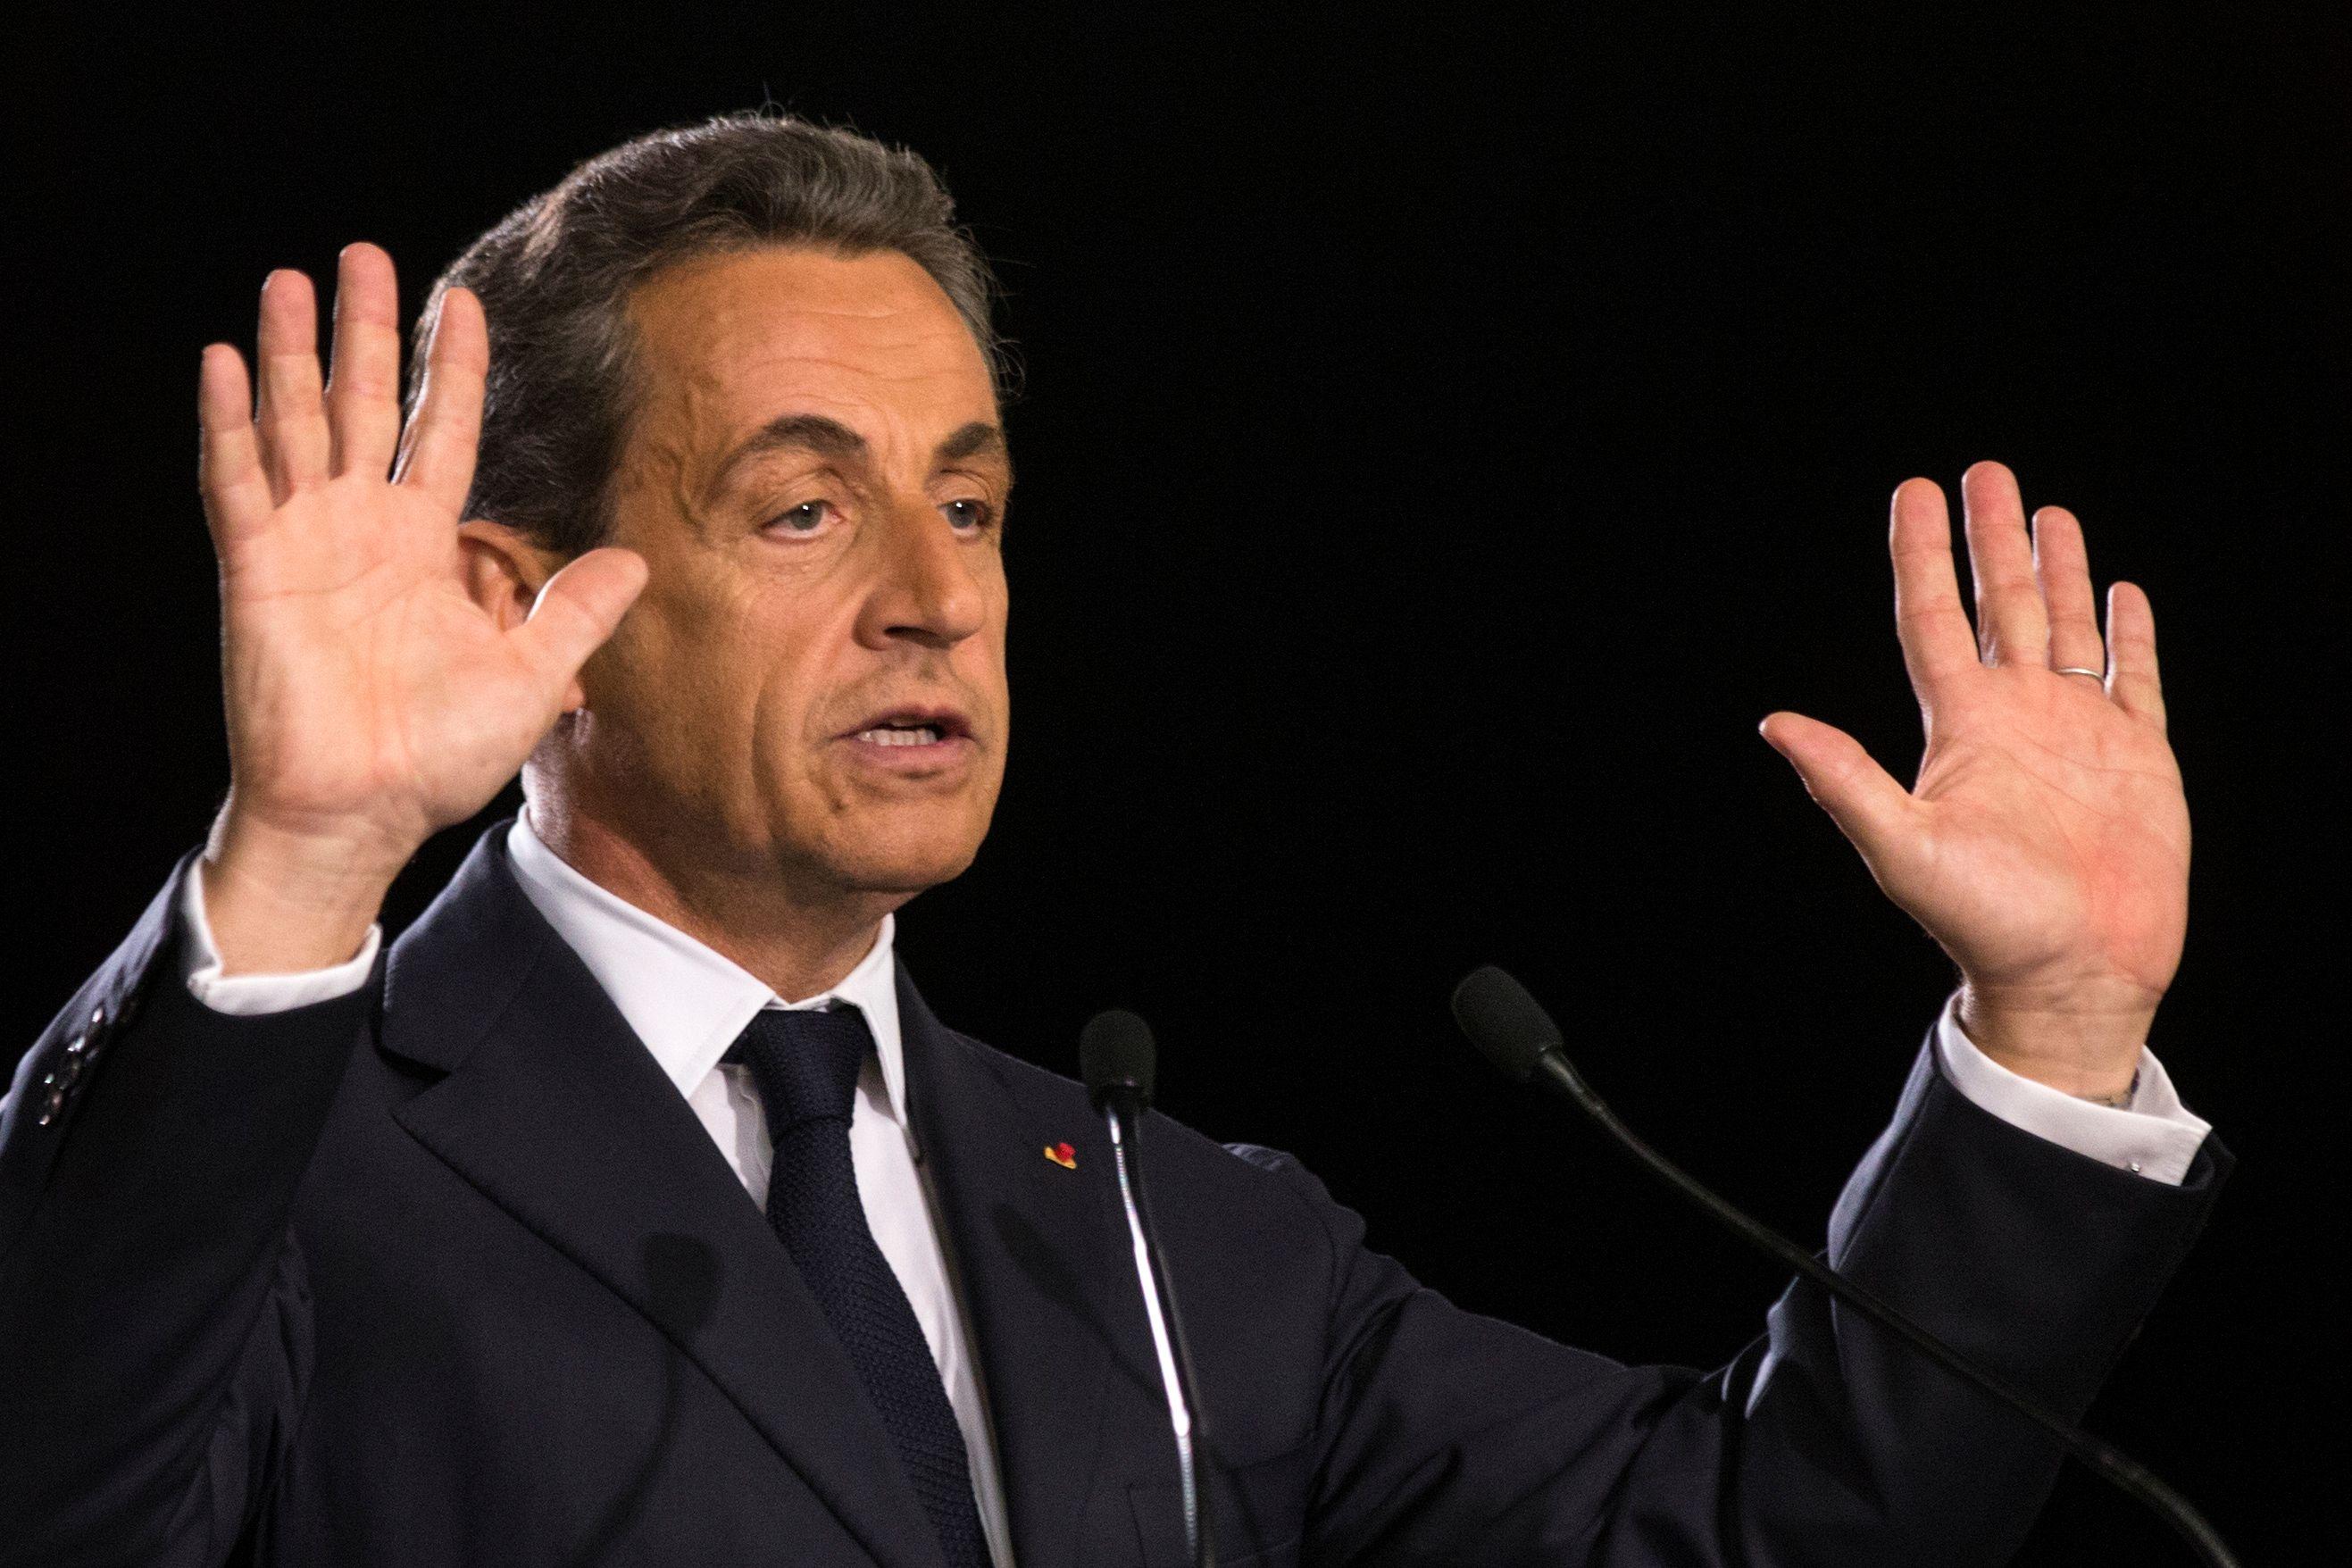 Fonctionnaires, syndicats, chômage, 35 heures : Nicolas Sarkozy veut refonder le modèle économique et social français